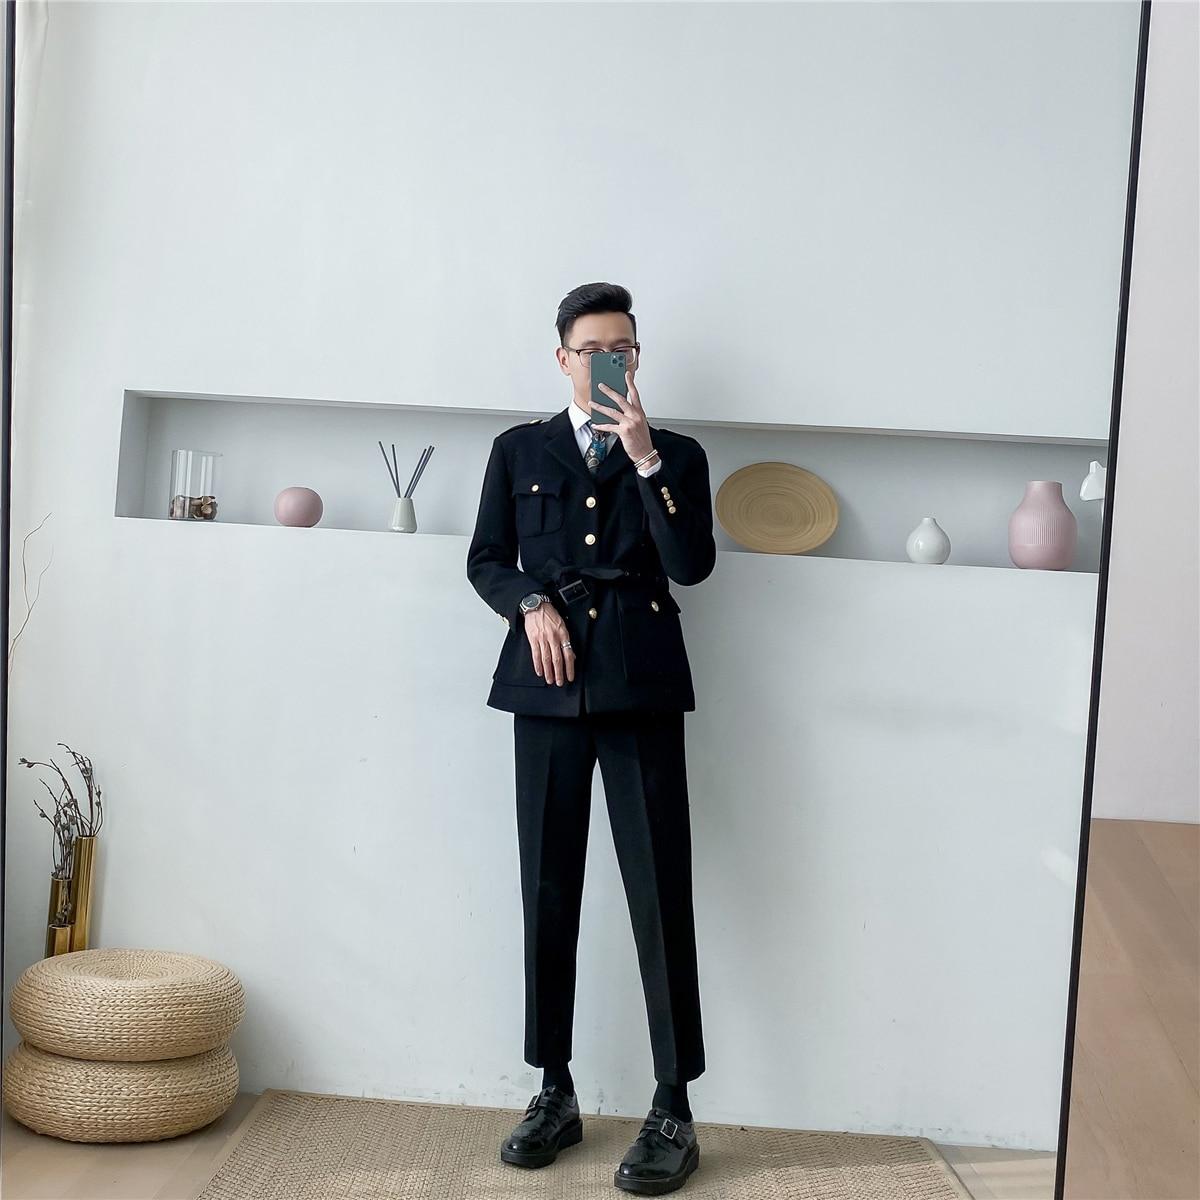 النسخة الكورية من جديد الخريف والشتاء الرجال منتصف طول معطف الصوف المألوف الإفراط في الركبة معطف الصوف عارضة